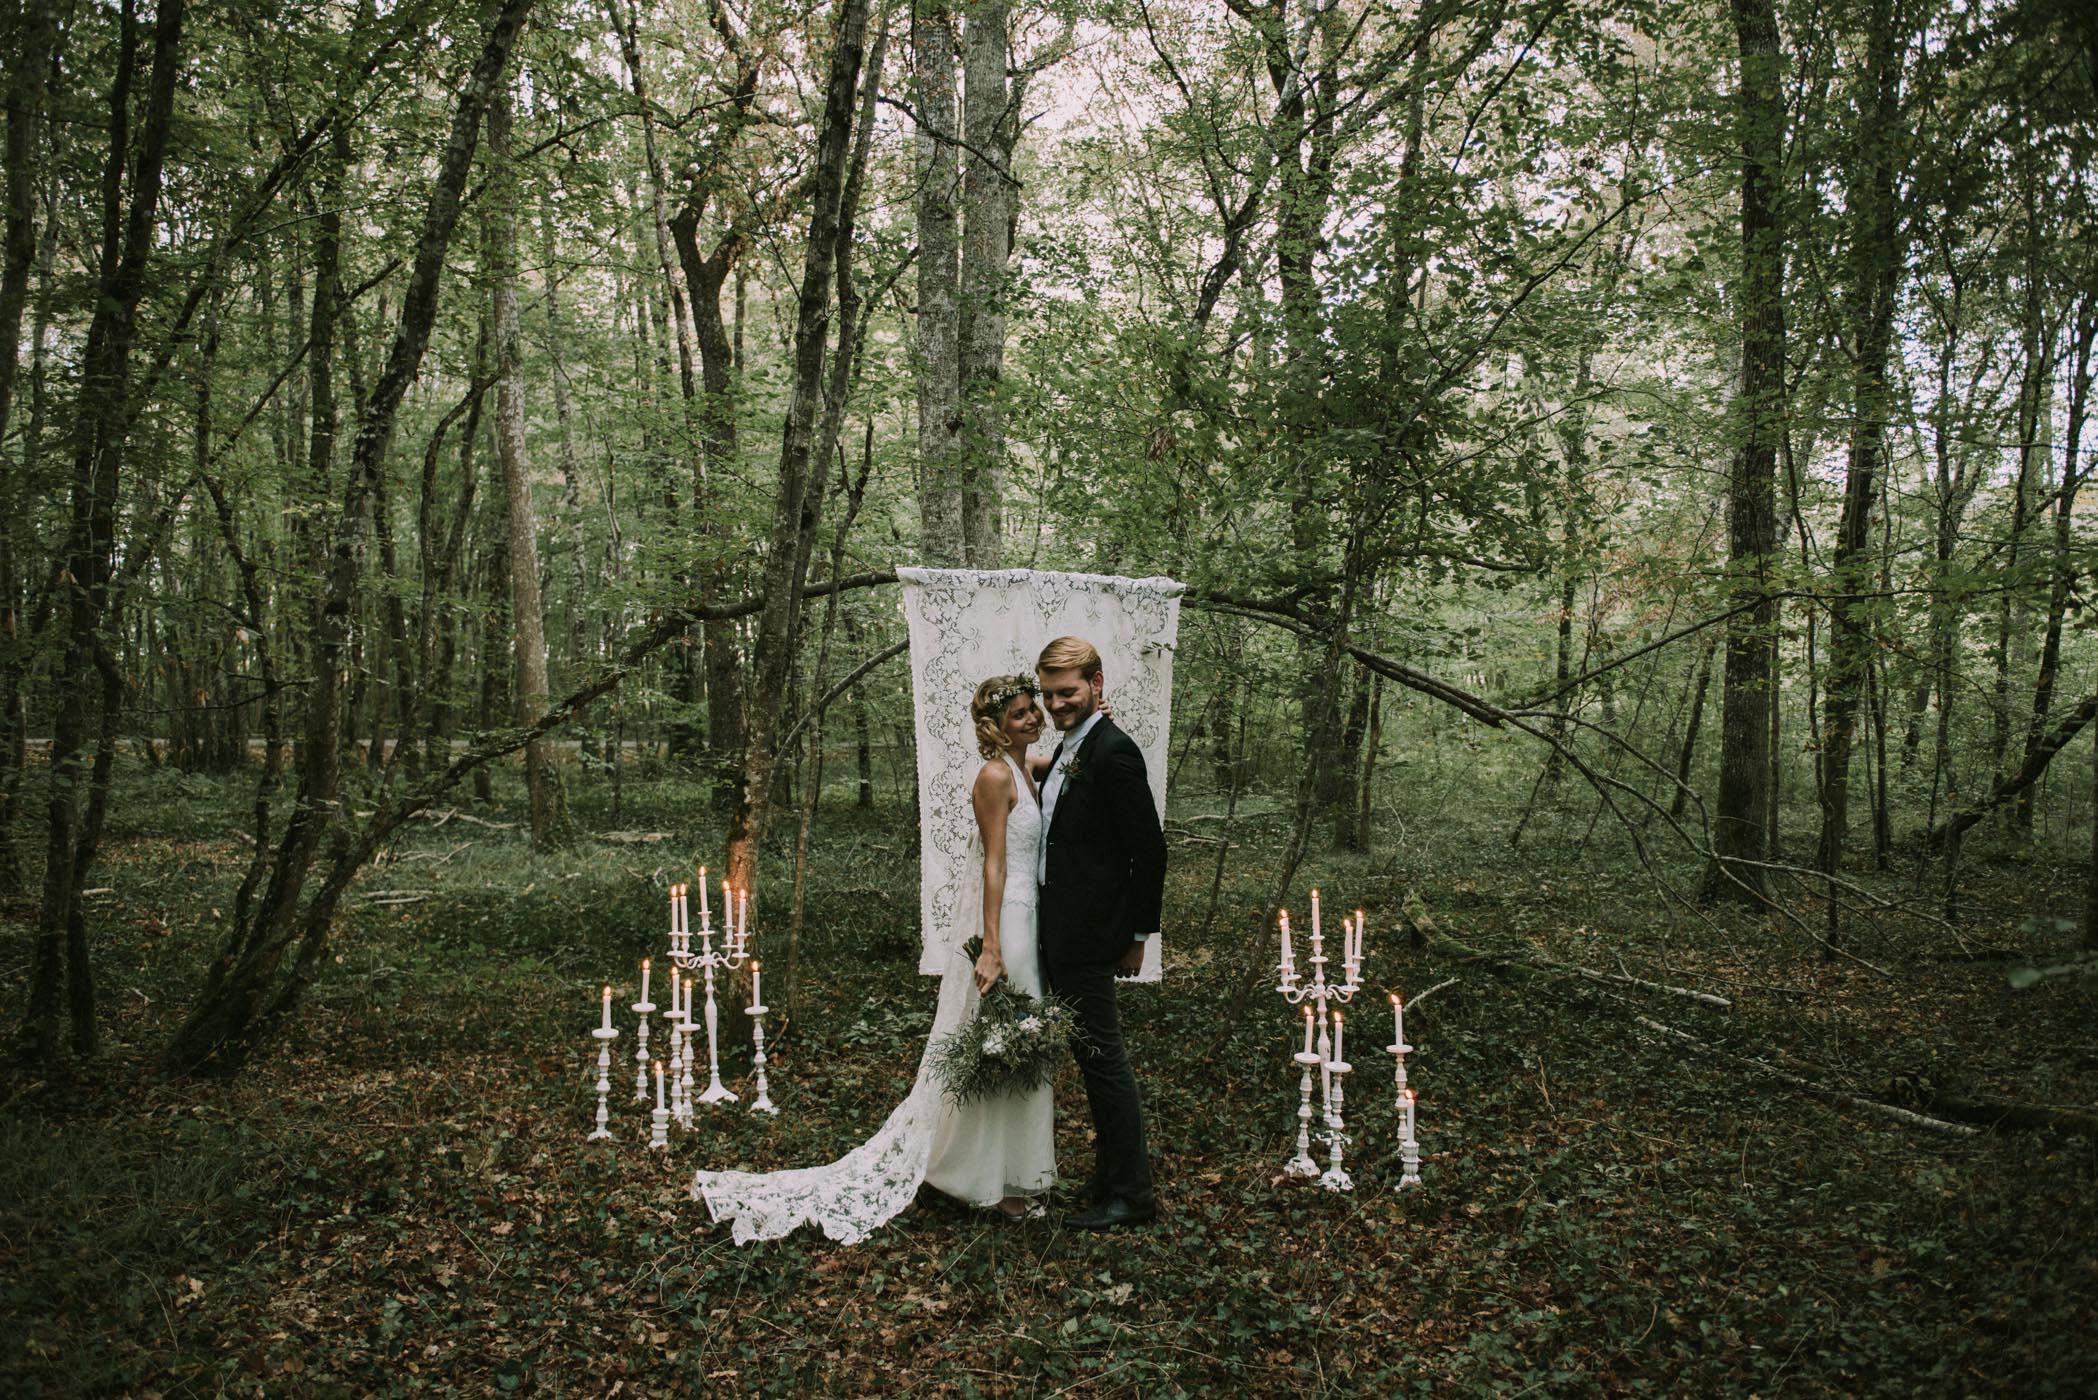 sun-drops-down-shooting-dinspiration-automnal-sous-les-bois-en-dordogne-blog-mariage-la-mariee-sous-les-etoiles-photo-mira-al-pajarito-85